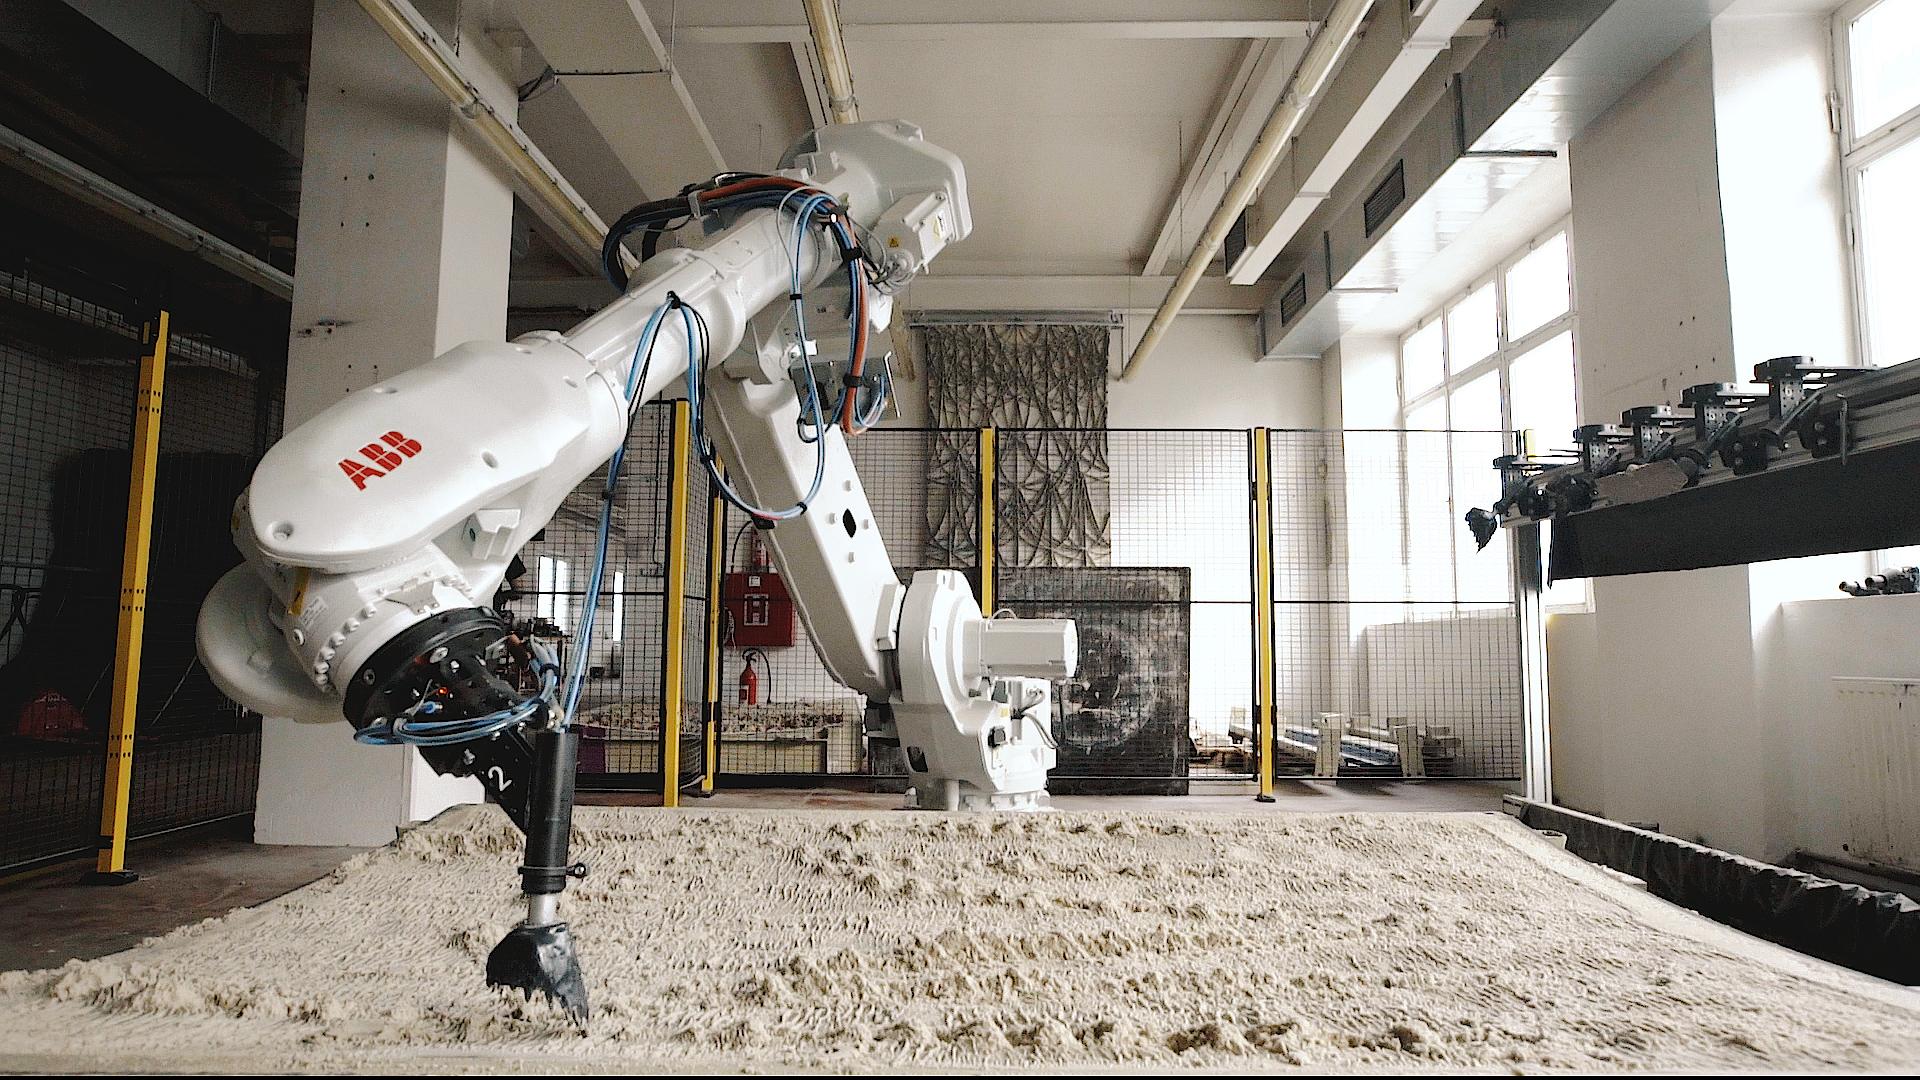 Výtvarník a robot proměnili výdech v umělecké dílo